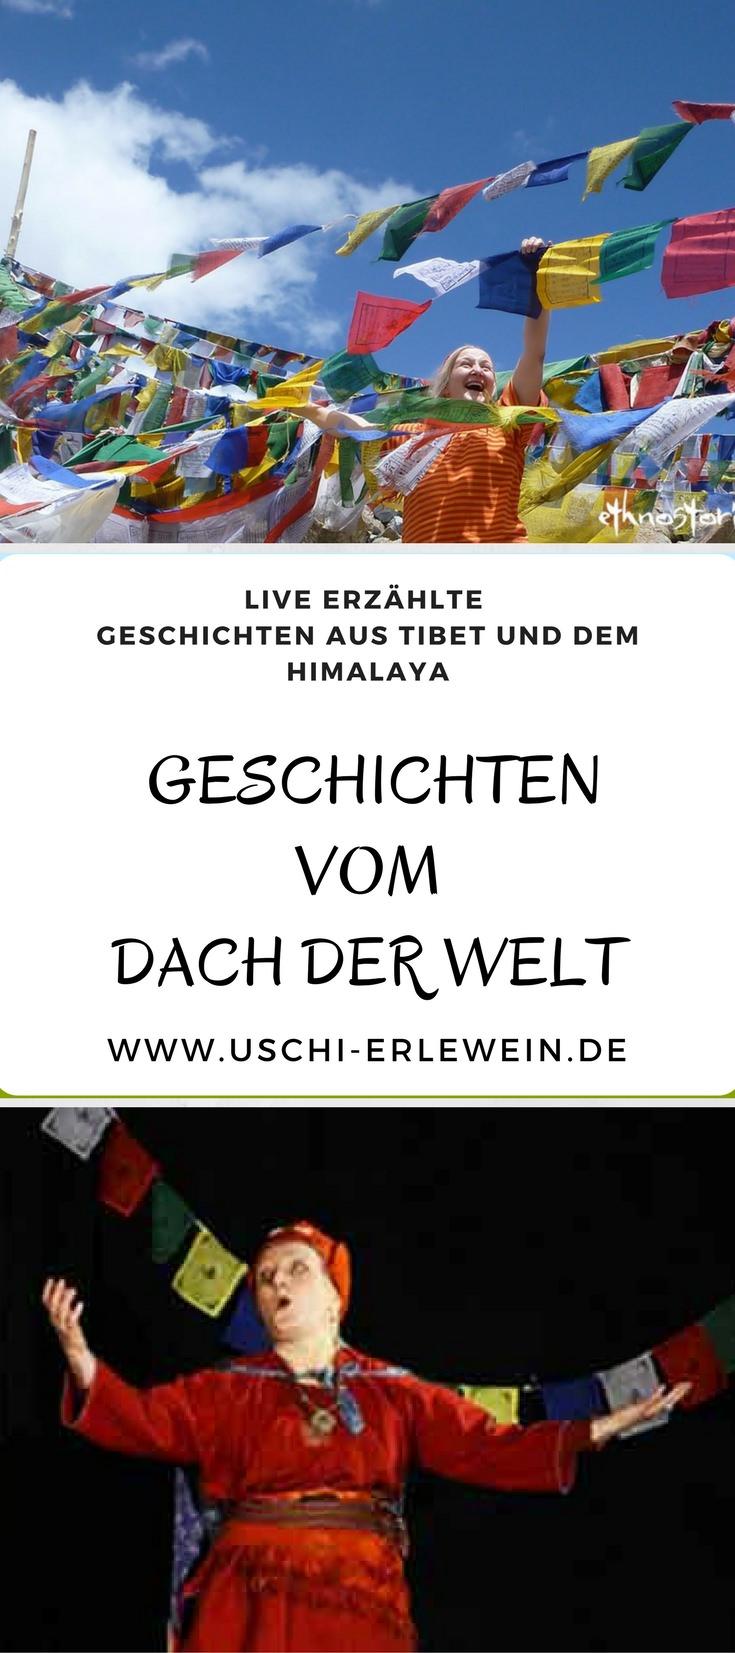 Geschichten vom Dach der Welt - live erzählte tibetische Weisheiten, Märchen und Erzählungen aus Tibet und dem Himalaya - live erzählt von Uschi Erlewein - mehr Info: https://uschi-erlewein.de/repertoire/tibet/ #erzählungen #erzähltheater #erzählen #tibet #himalayas